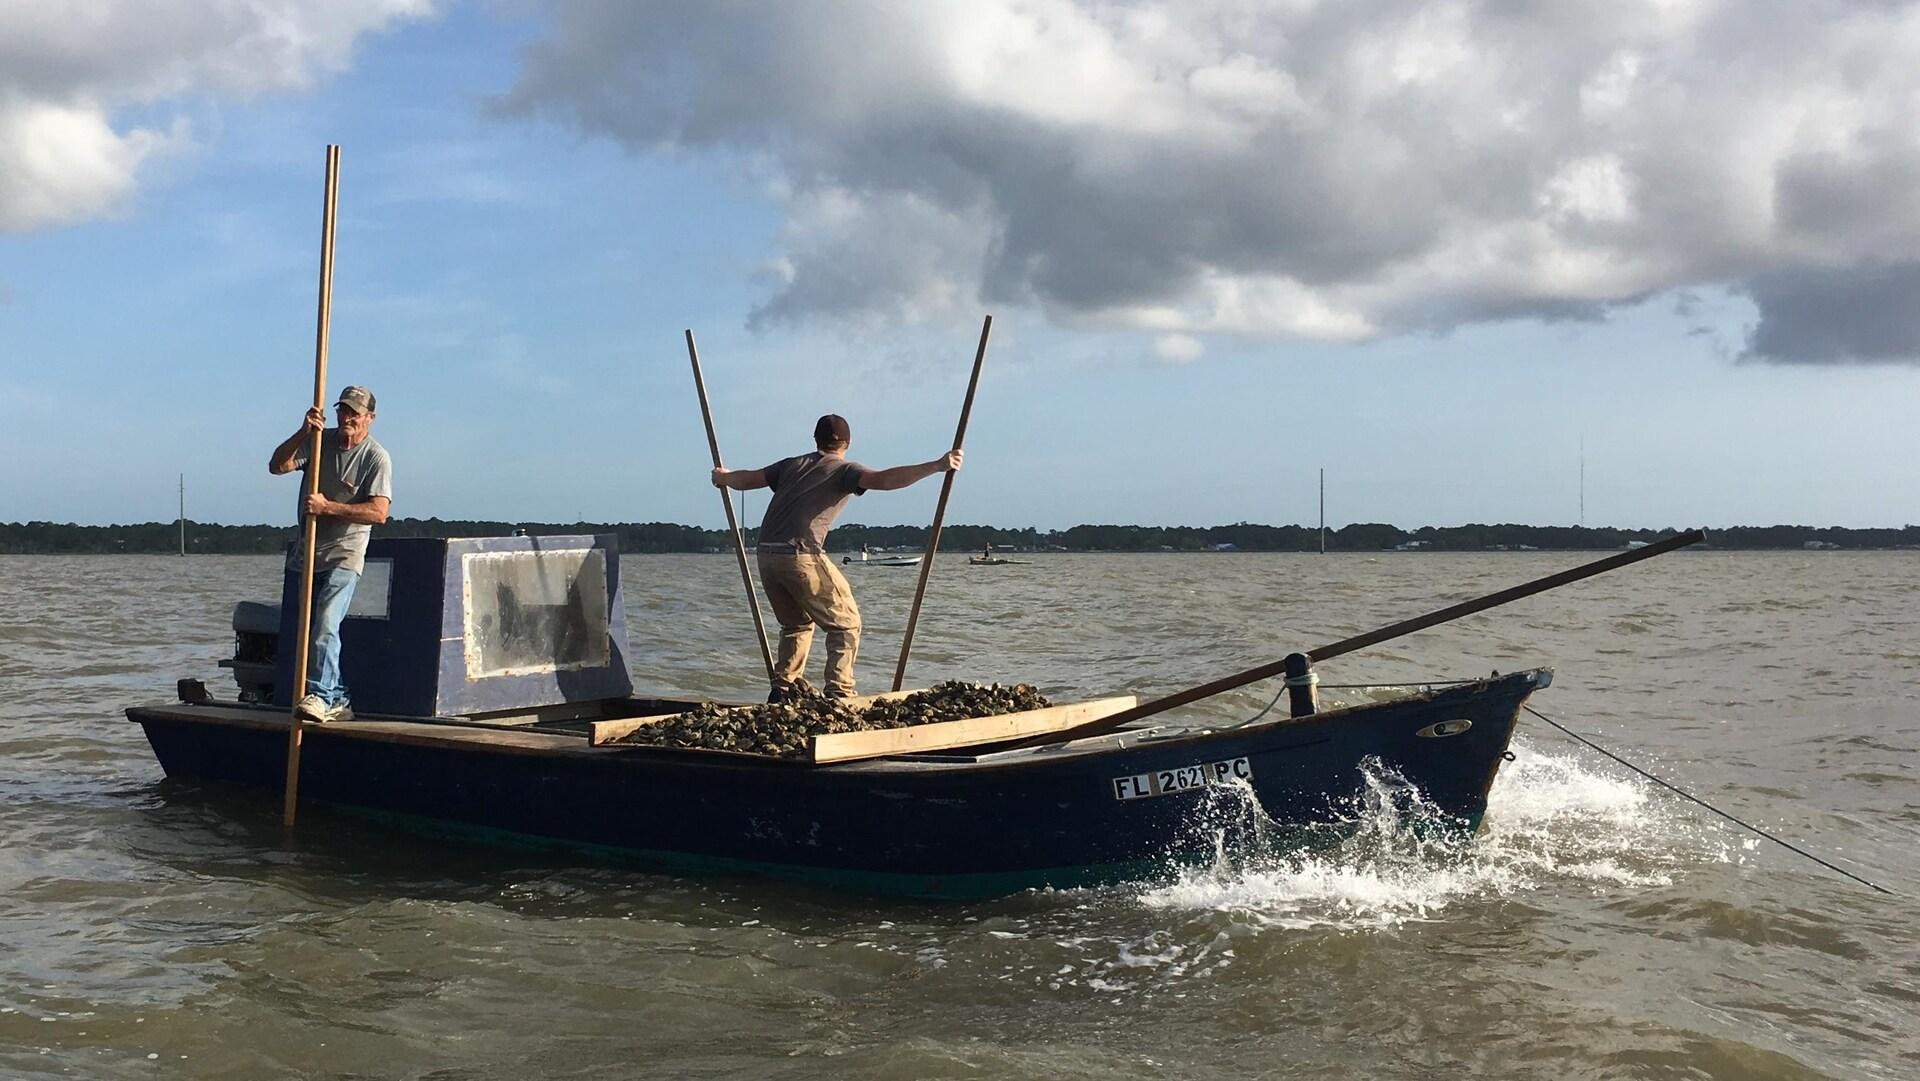 Des pêcheurs d'huîtres à bord de leur bateau.